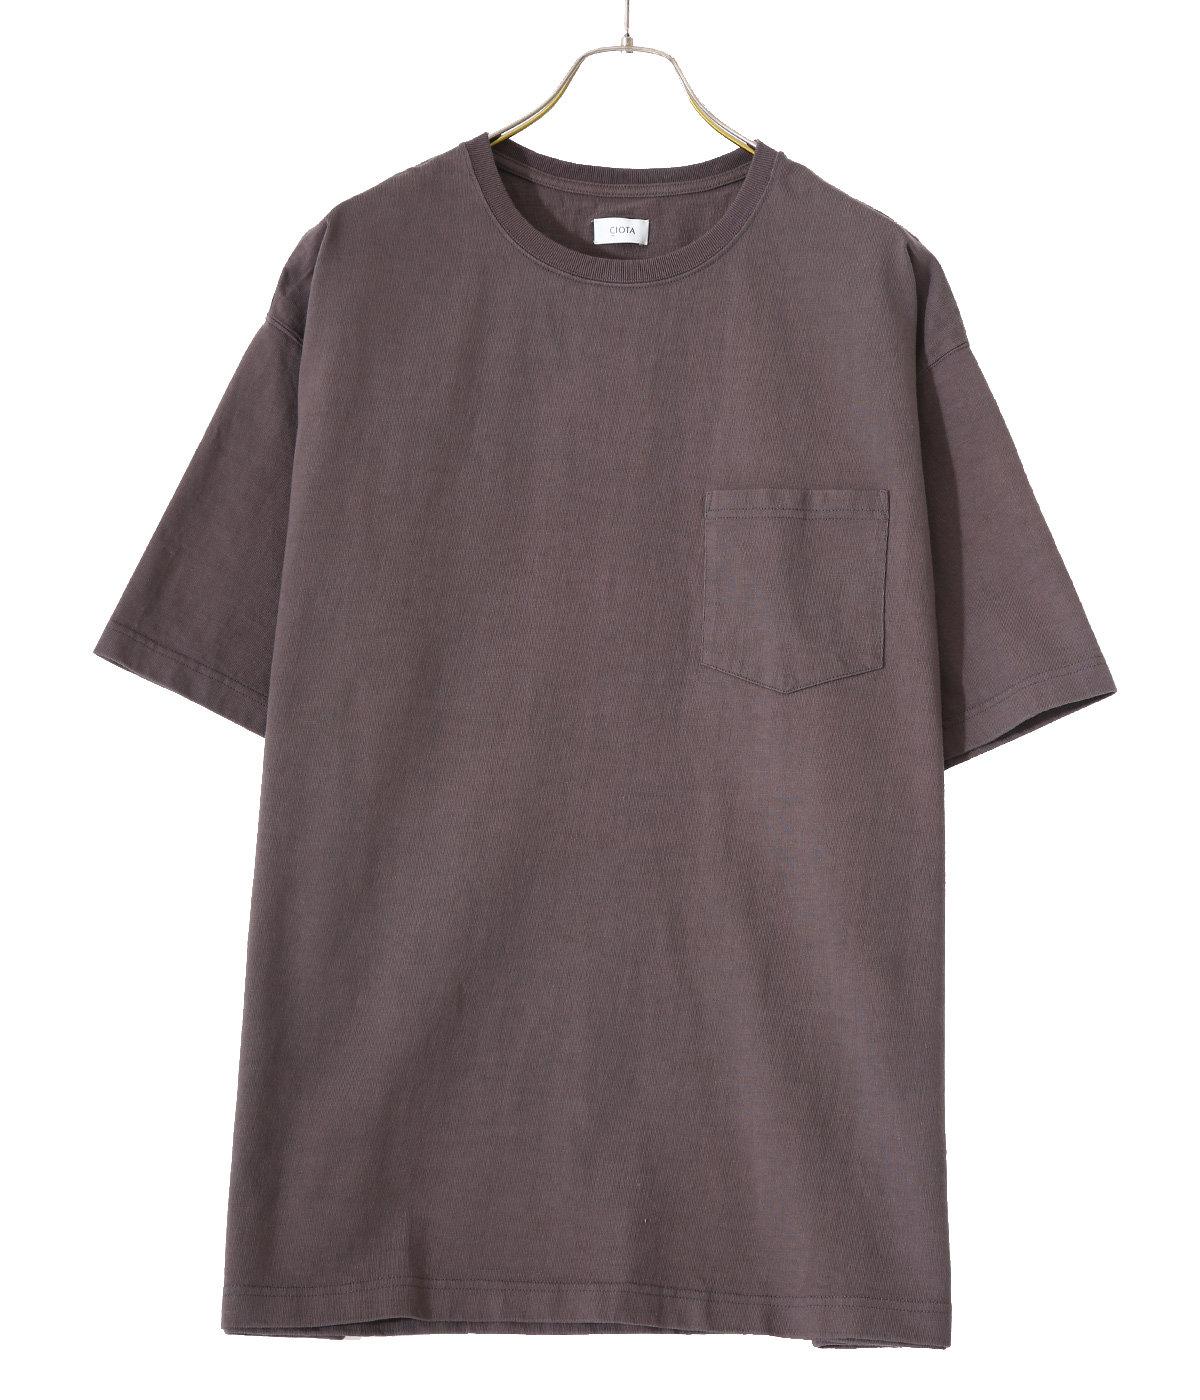 スビンコットン 10/- 度詰め 吊り天竺 ポケット付き半袖T